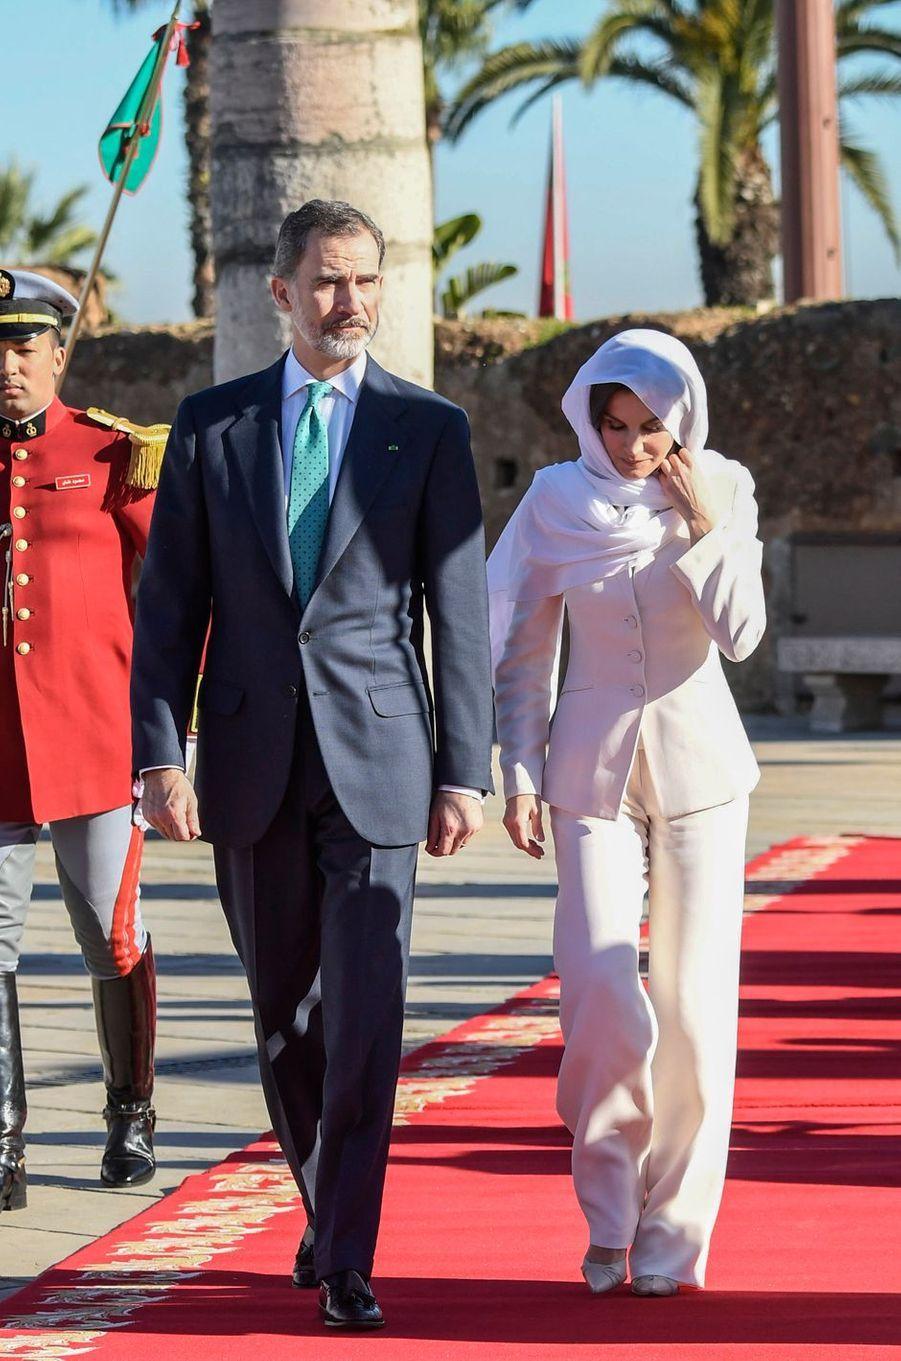 La reine Letizia et le roi Felipe VI d'Espagne à Rabat au Maroc, le 14 février 2019